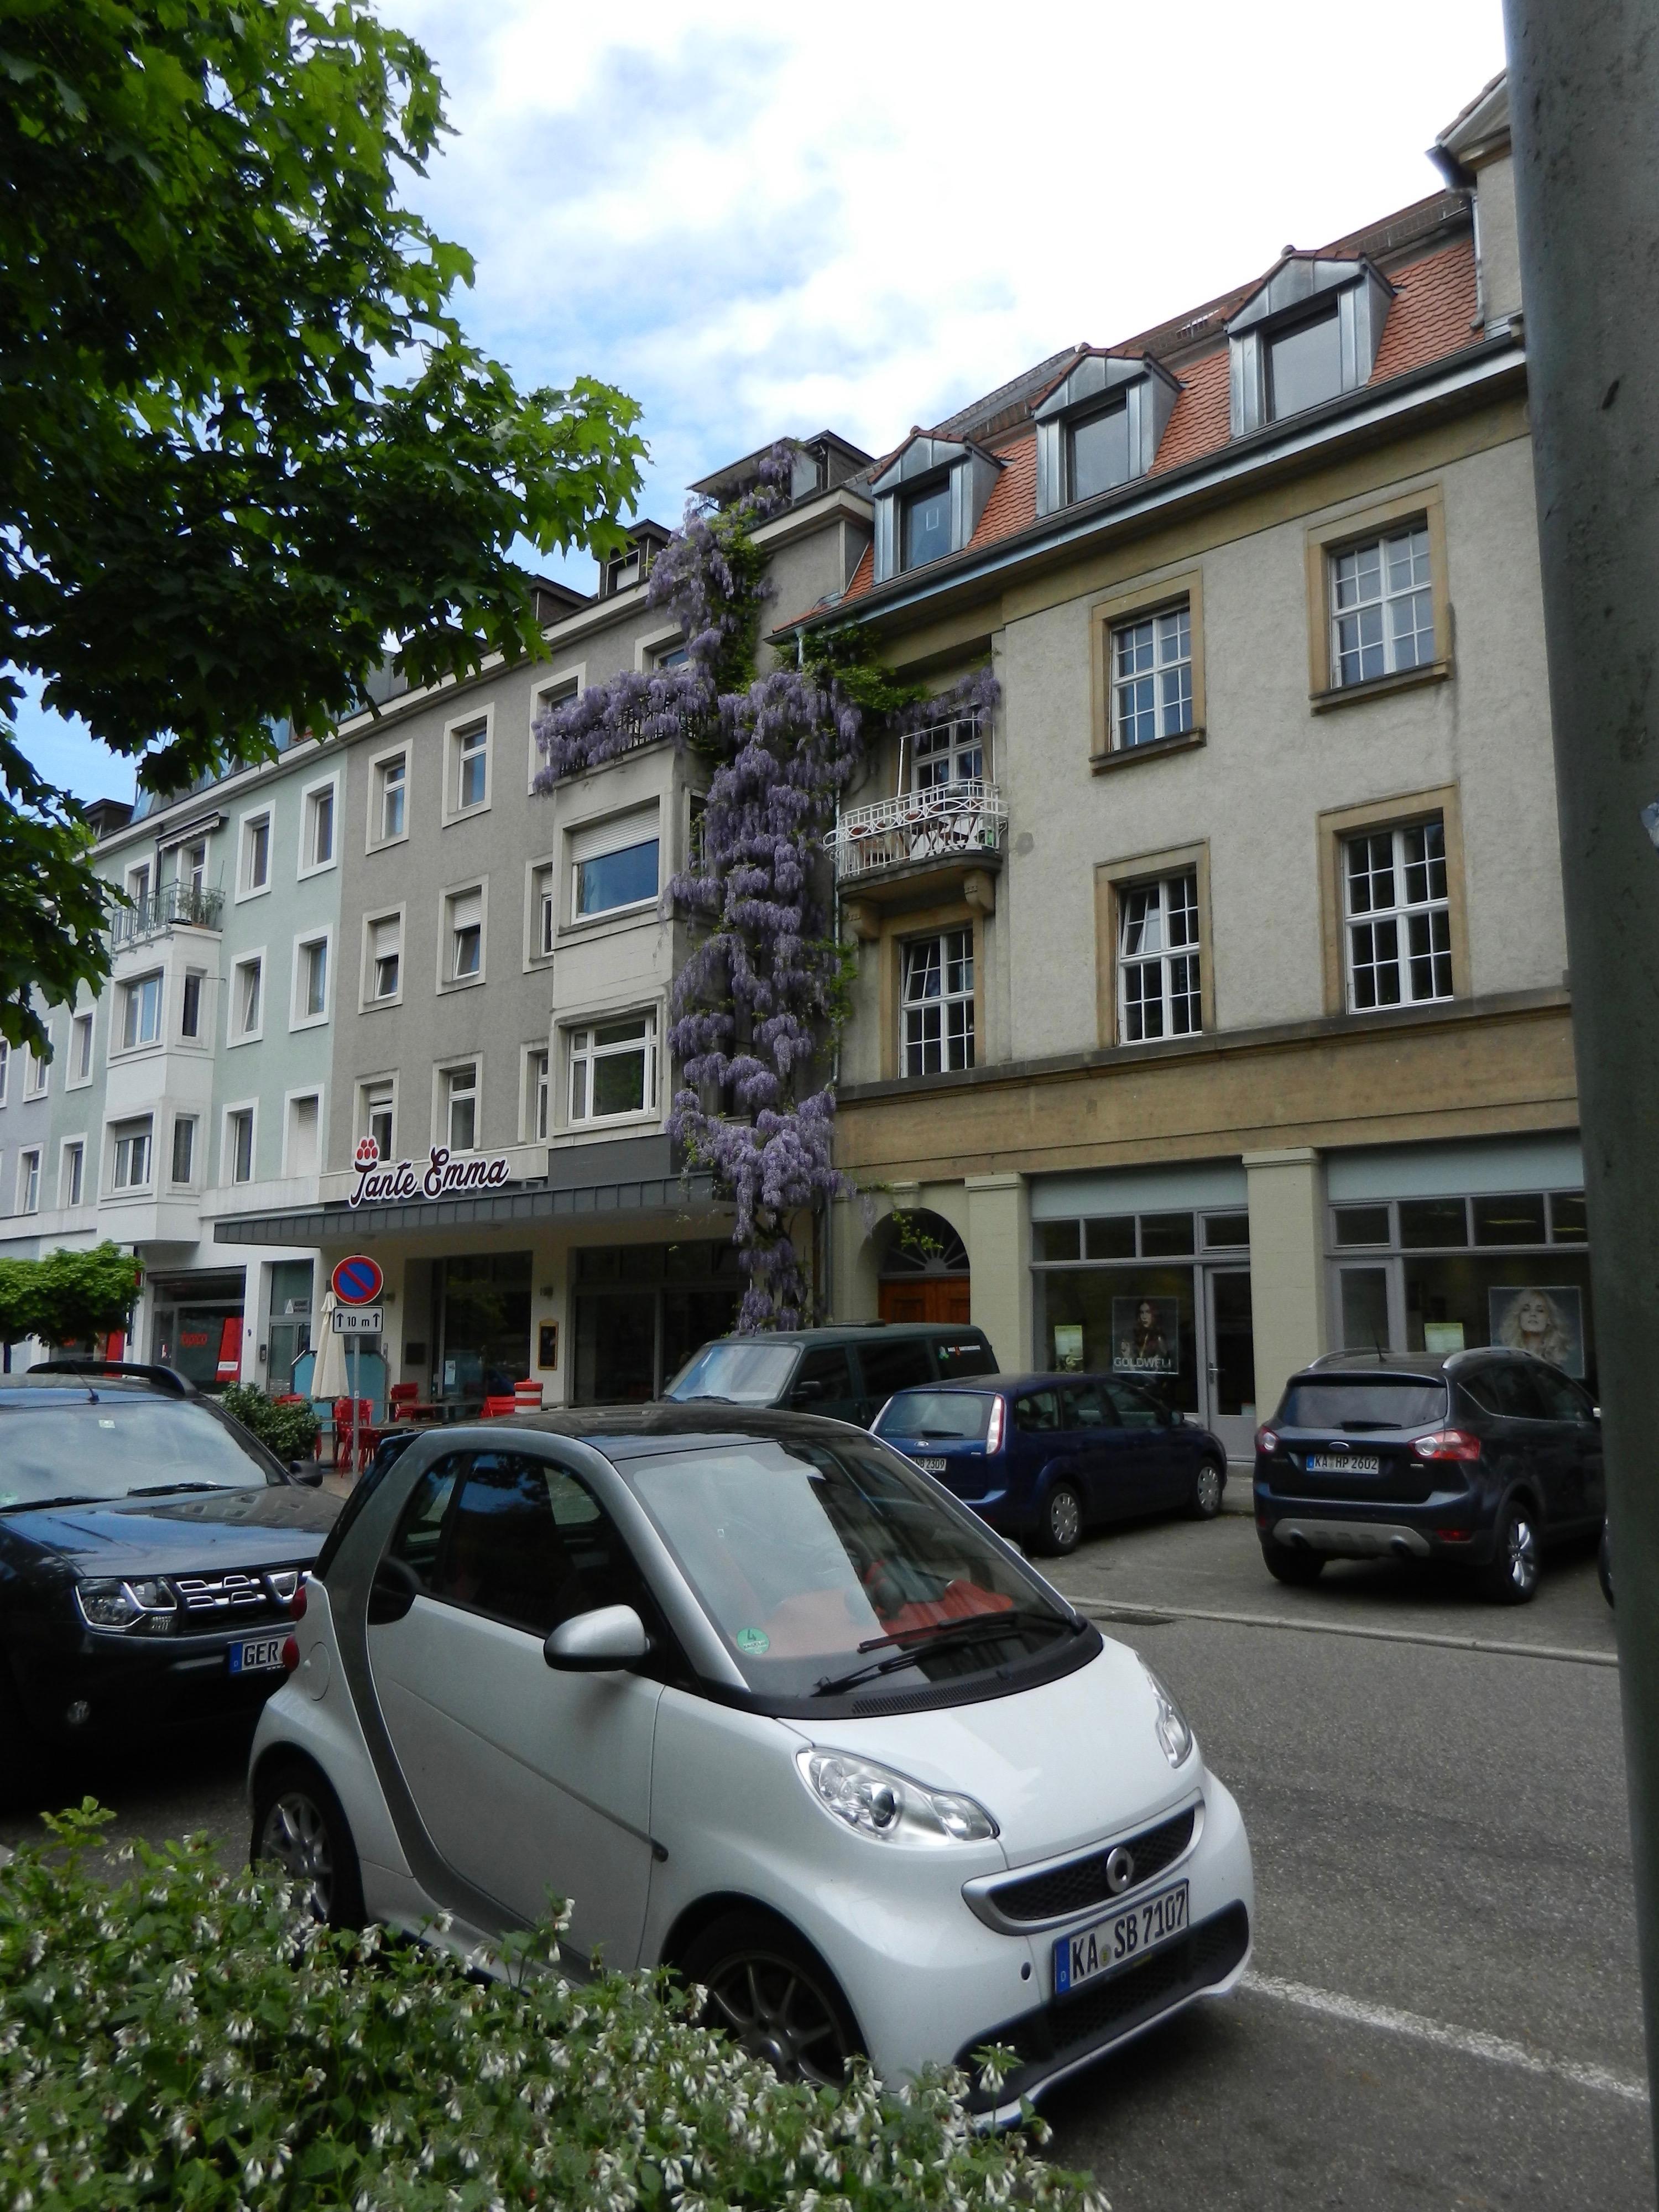 Walking in Germany